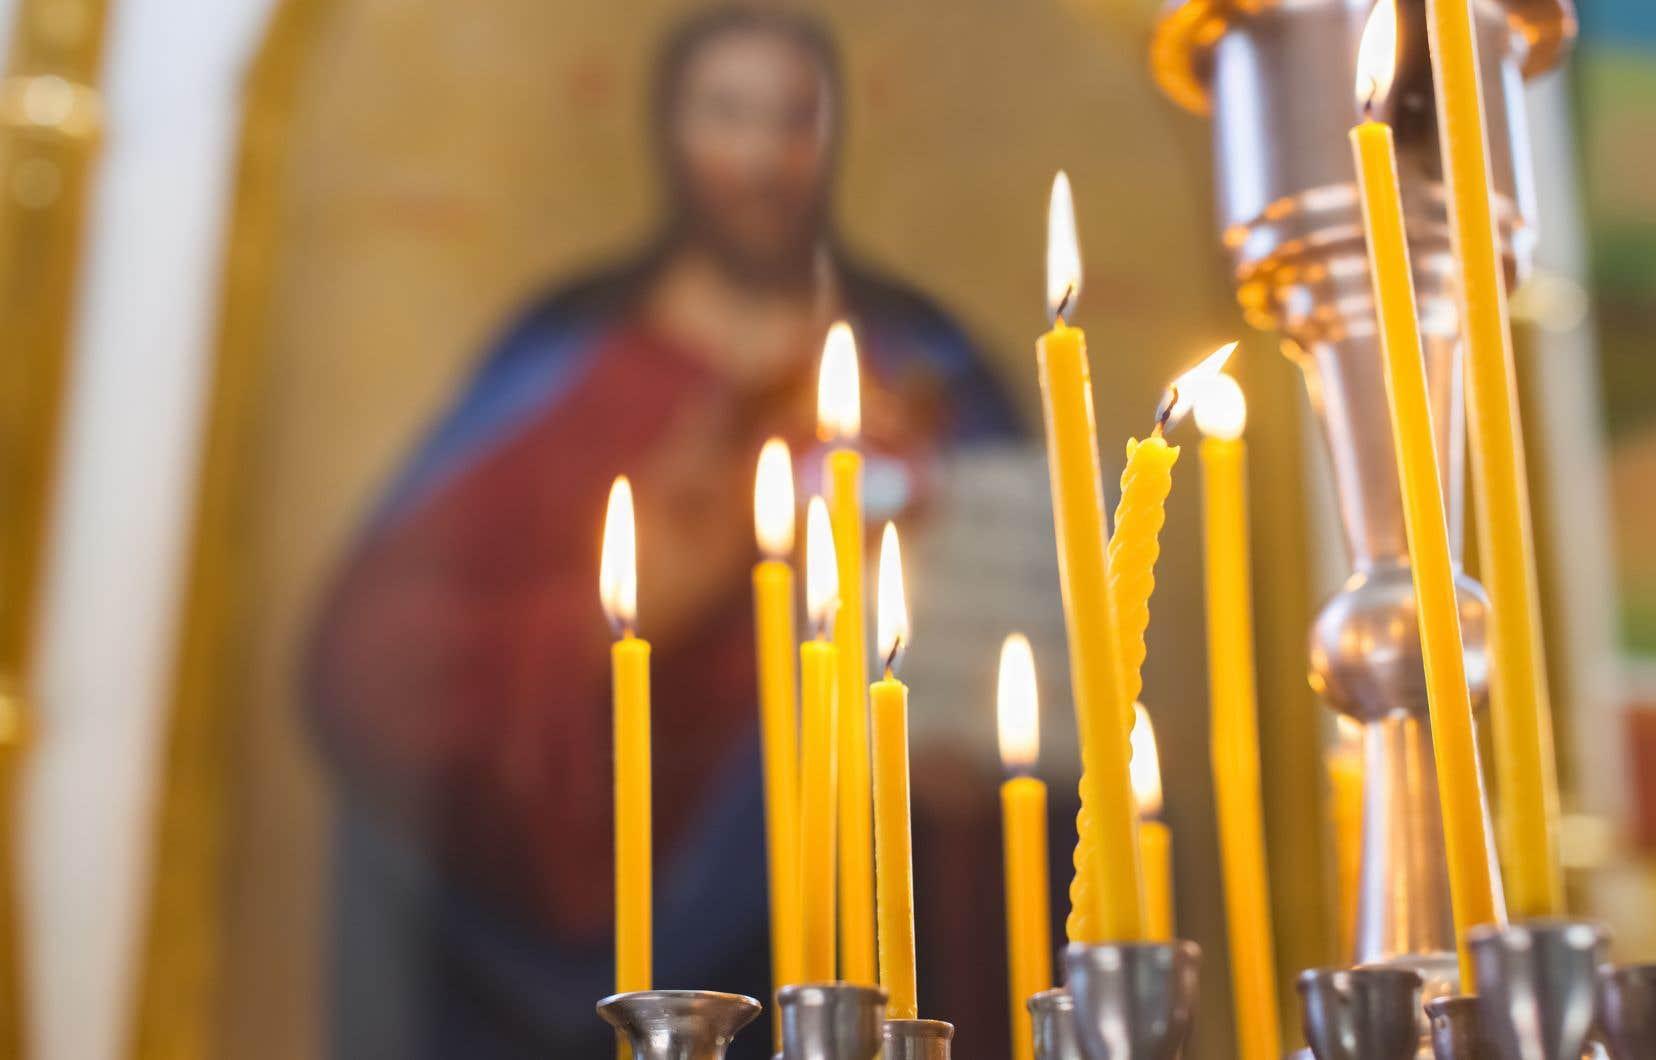 «Plus la présence religieuse s'accroit, moins la connaissance des faits scientifiques et moins la confiance envers la science sont élevées», rappellent les auteurs.